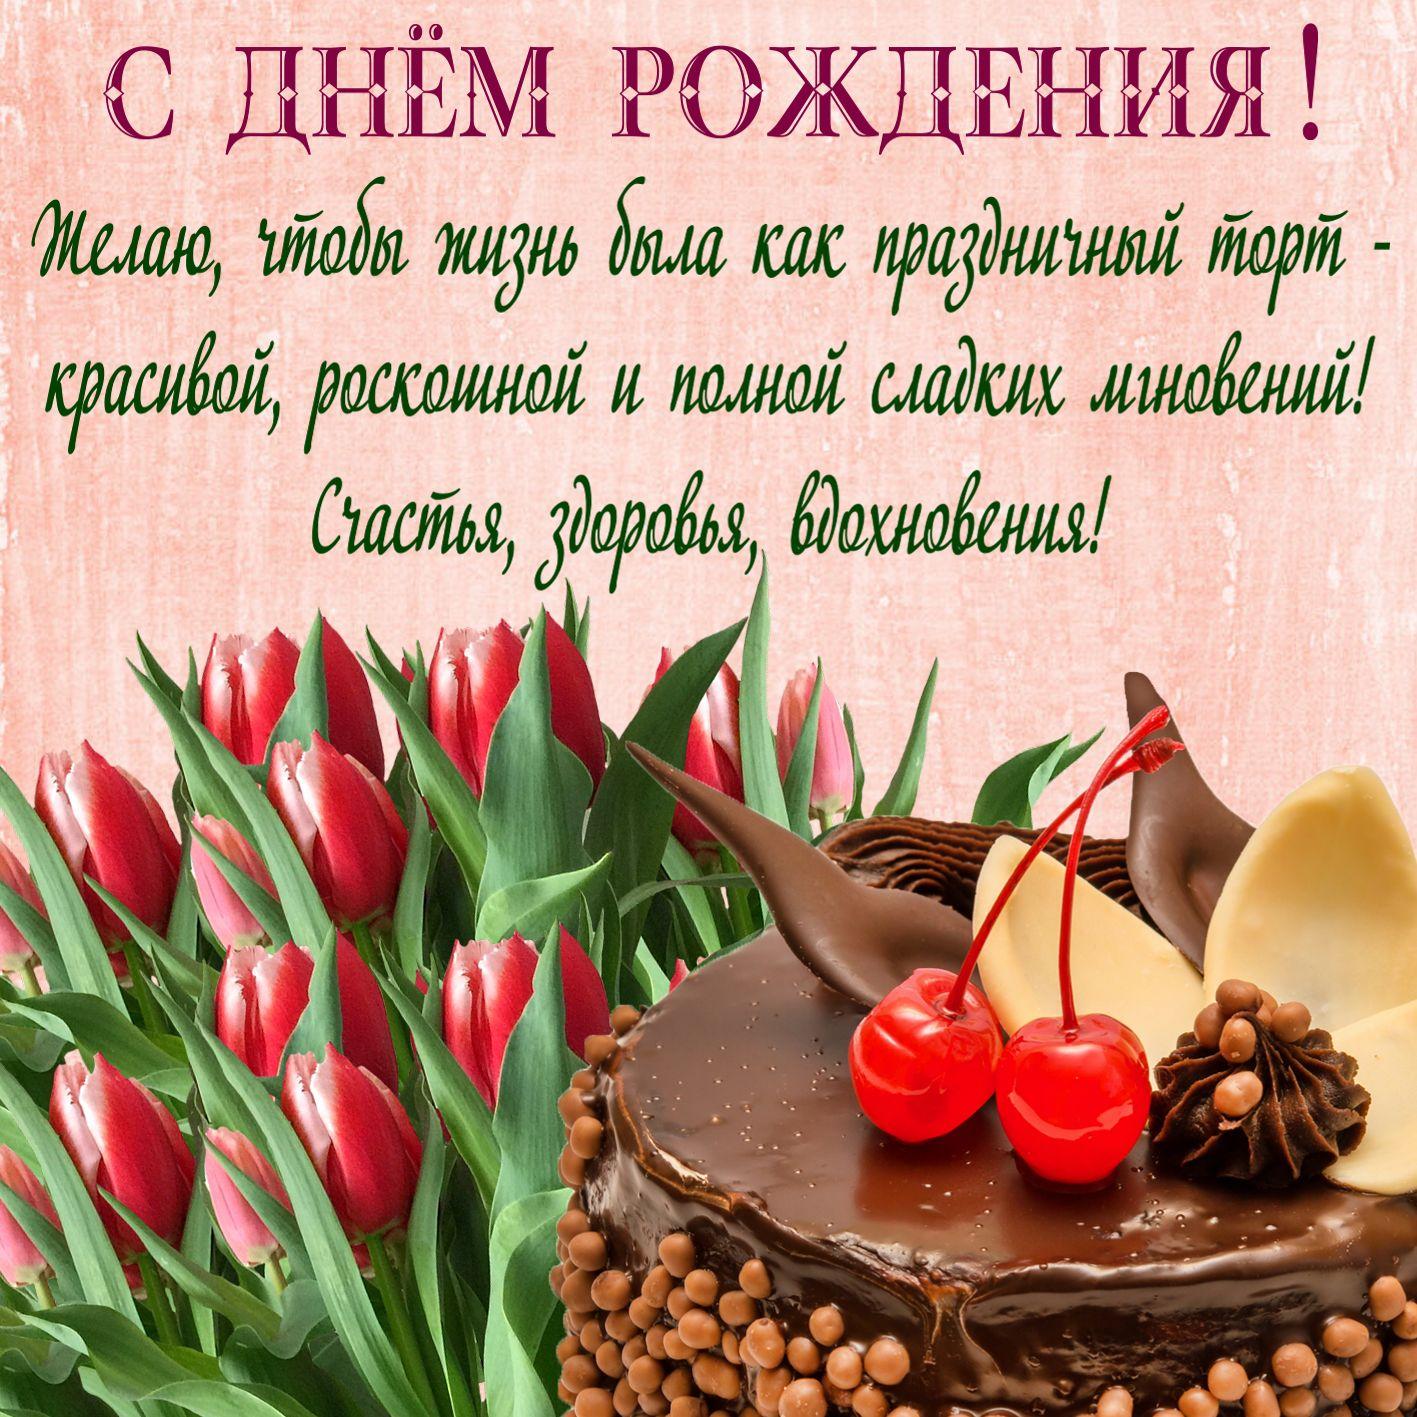 Женщине. Тортик, тюльпаны и красивое пожелание. С Днём рождения! Желаю, чтобы жизнь была как праздничный торт - красивой, роскошной и полной сладких мгновений! Счастья, здоровья, вдохновения!